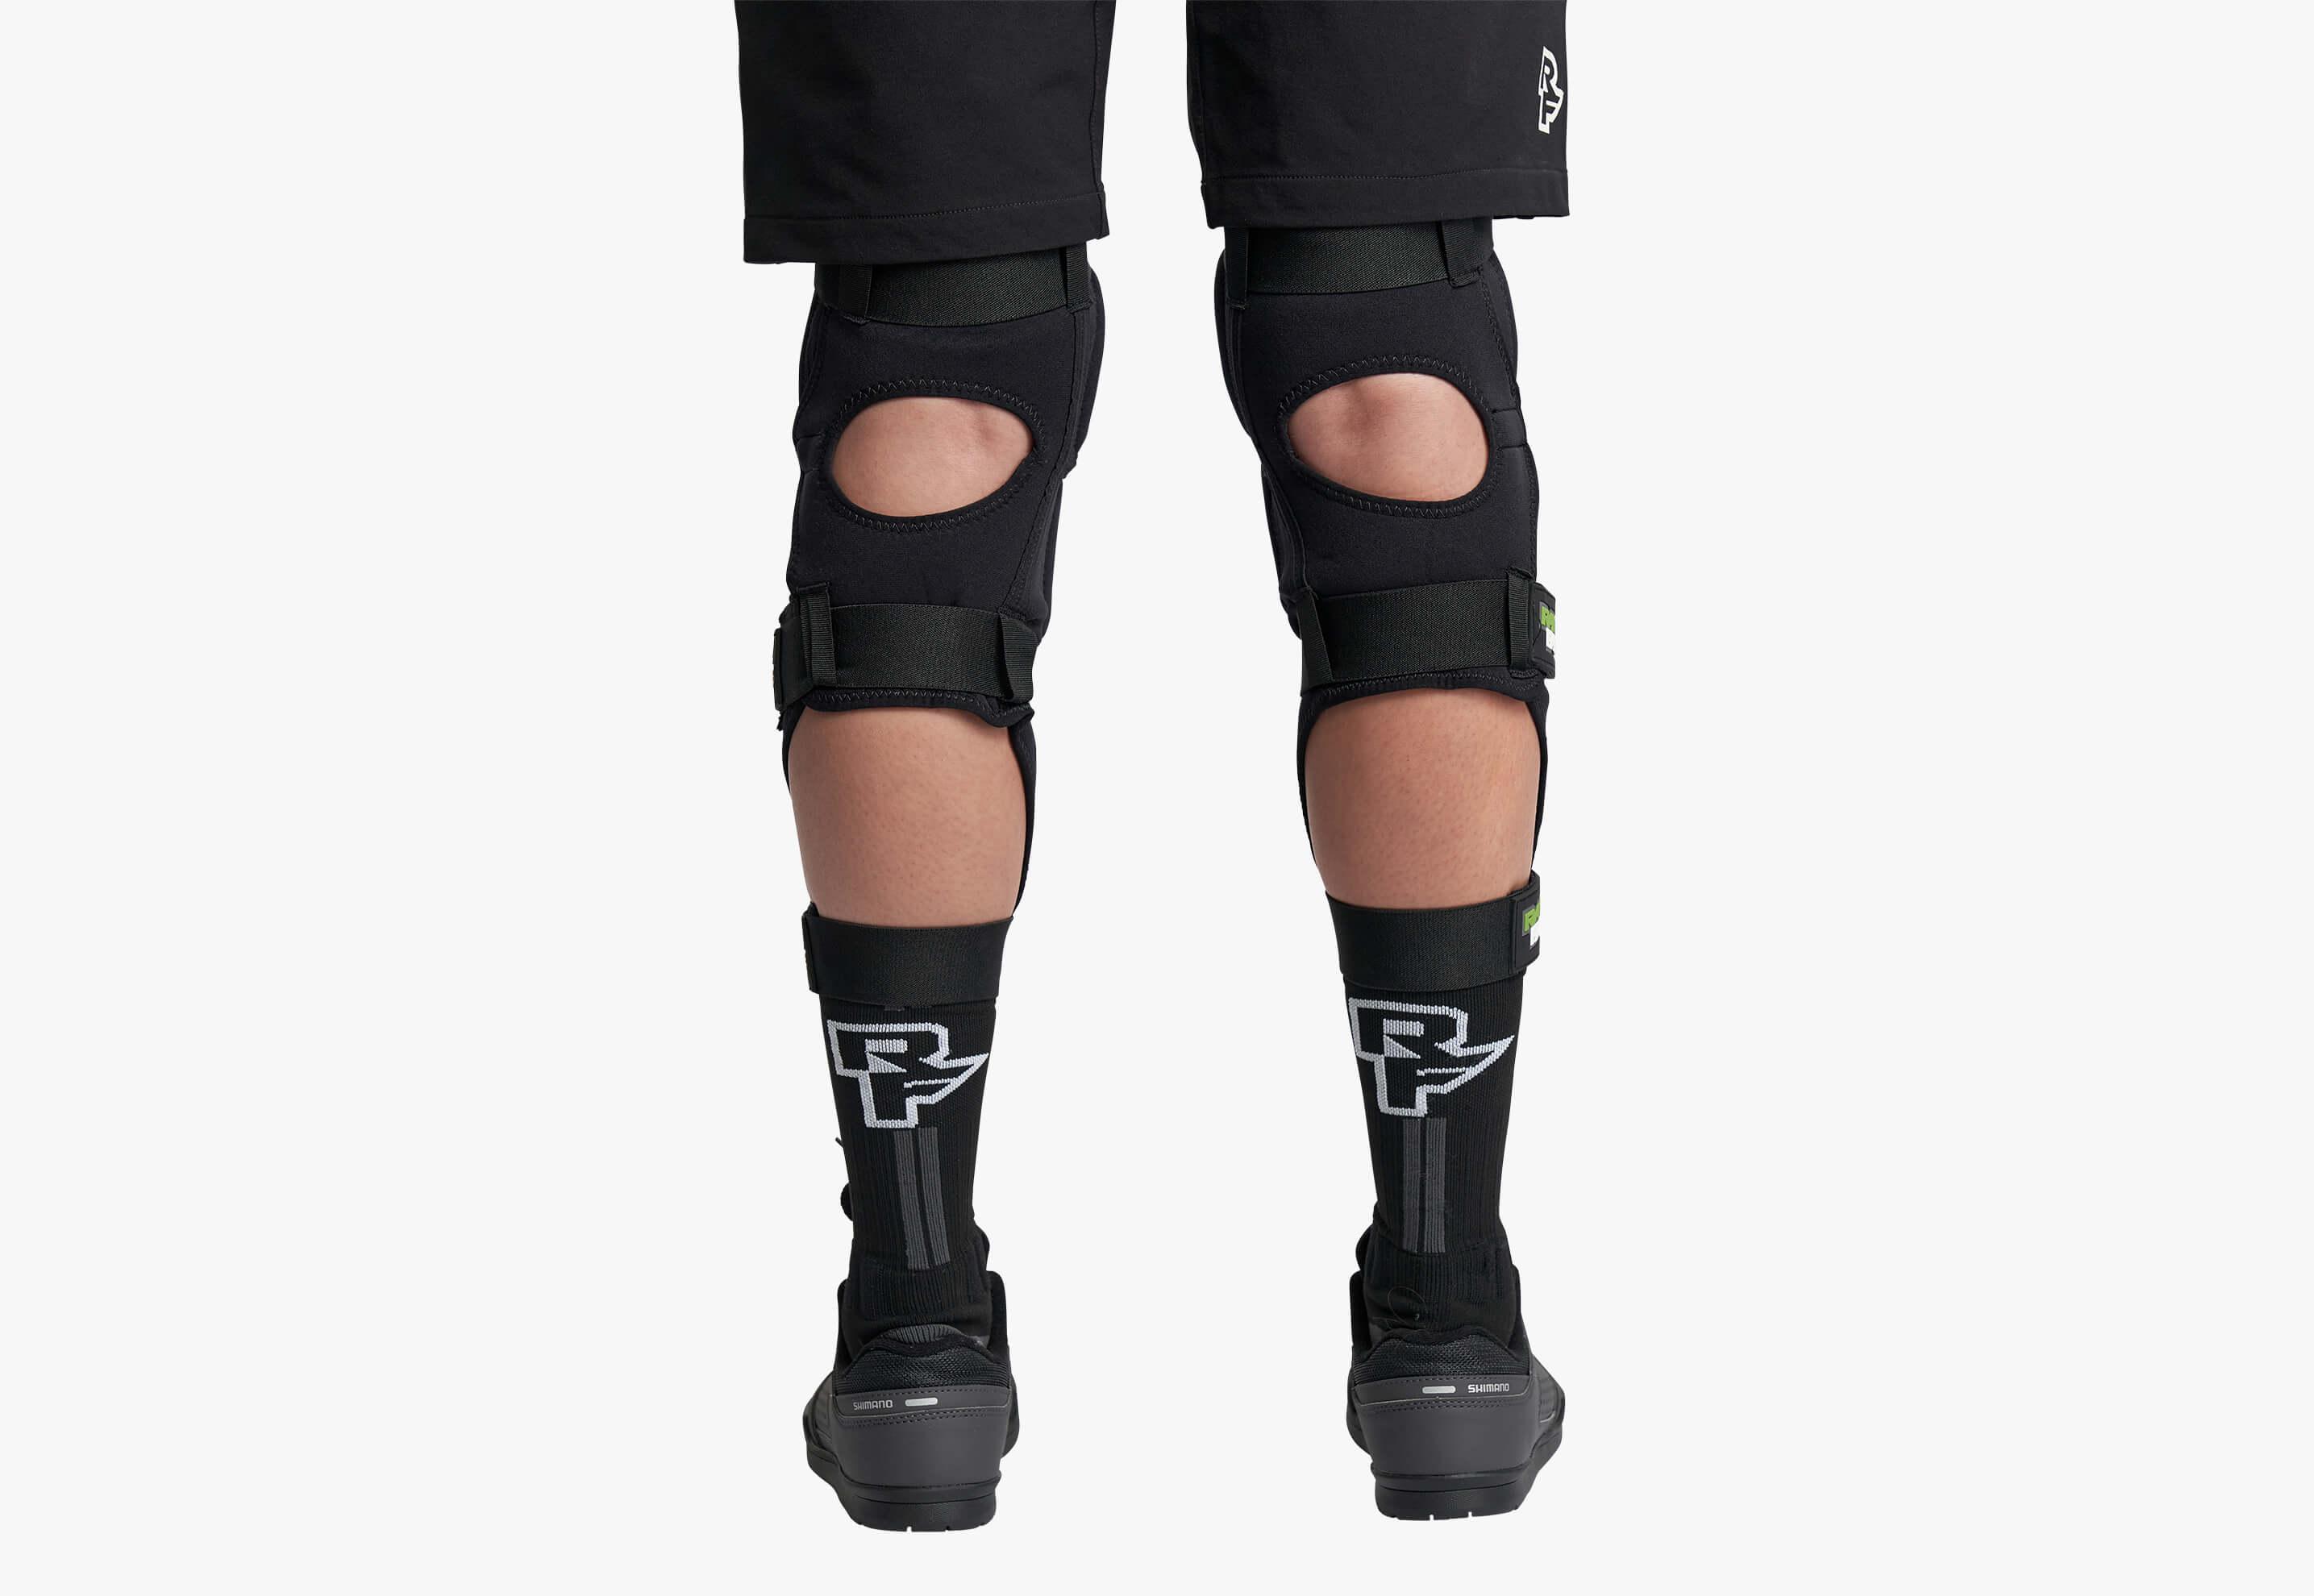 Flank Leg